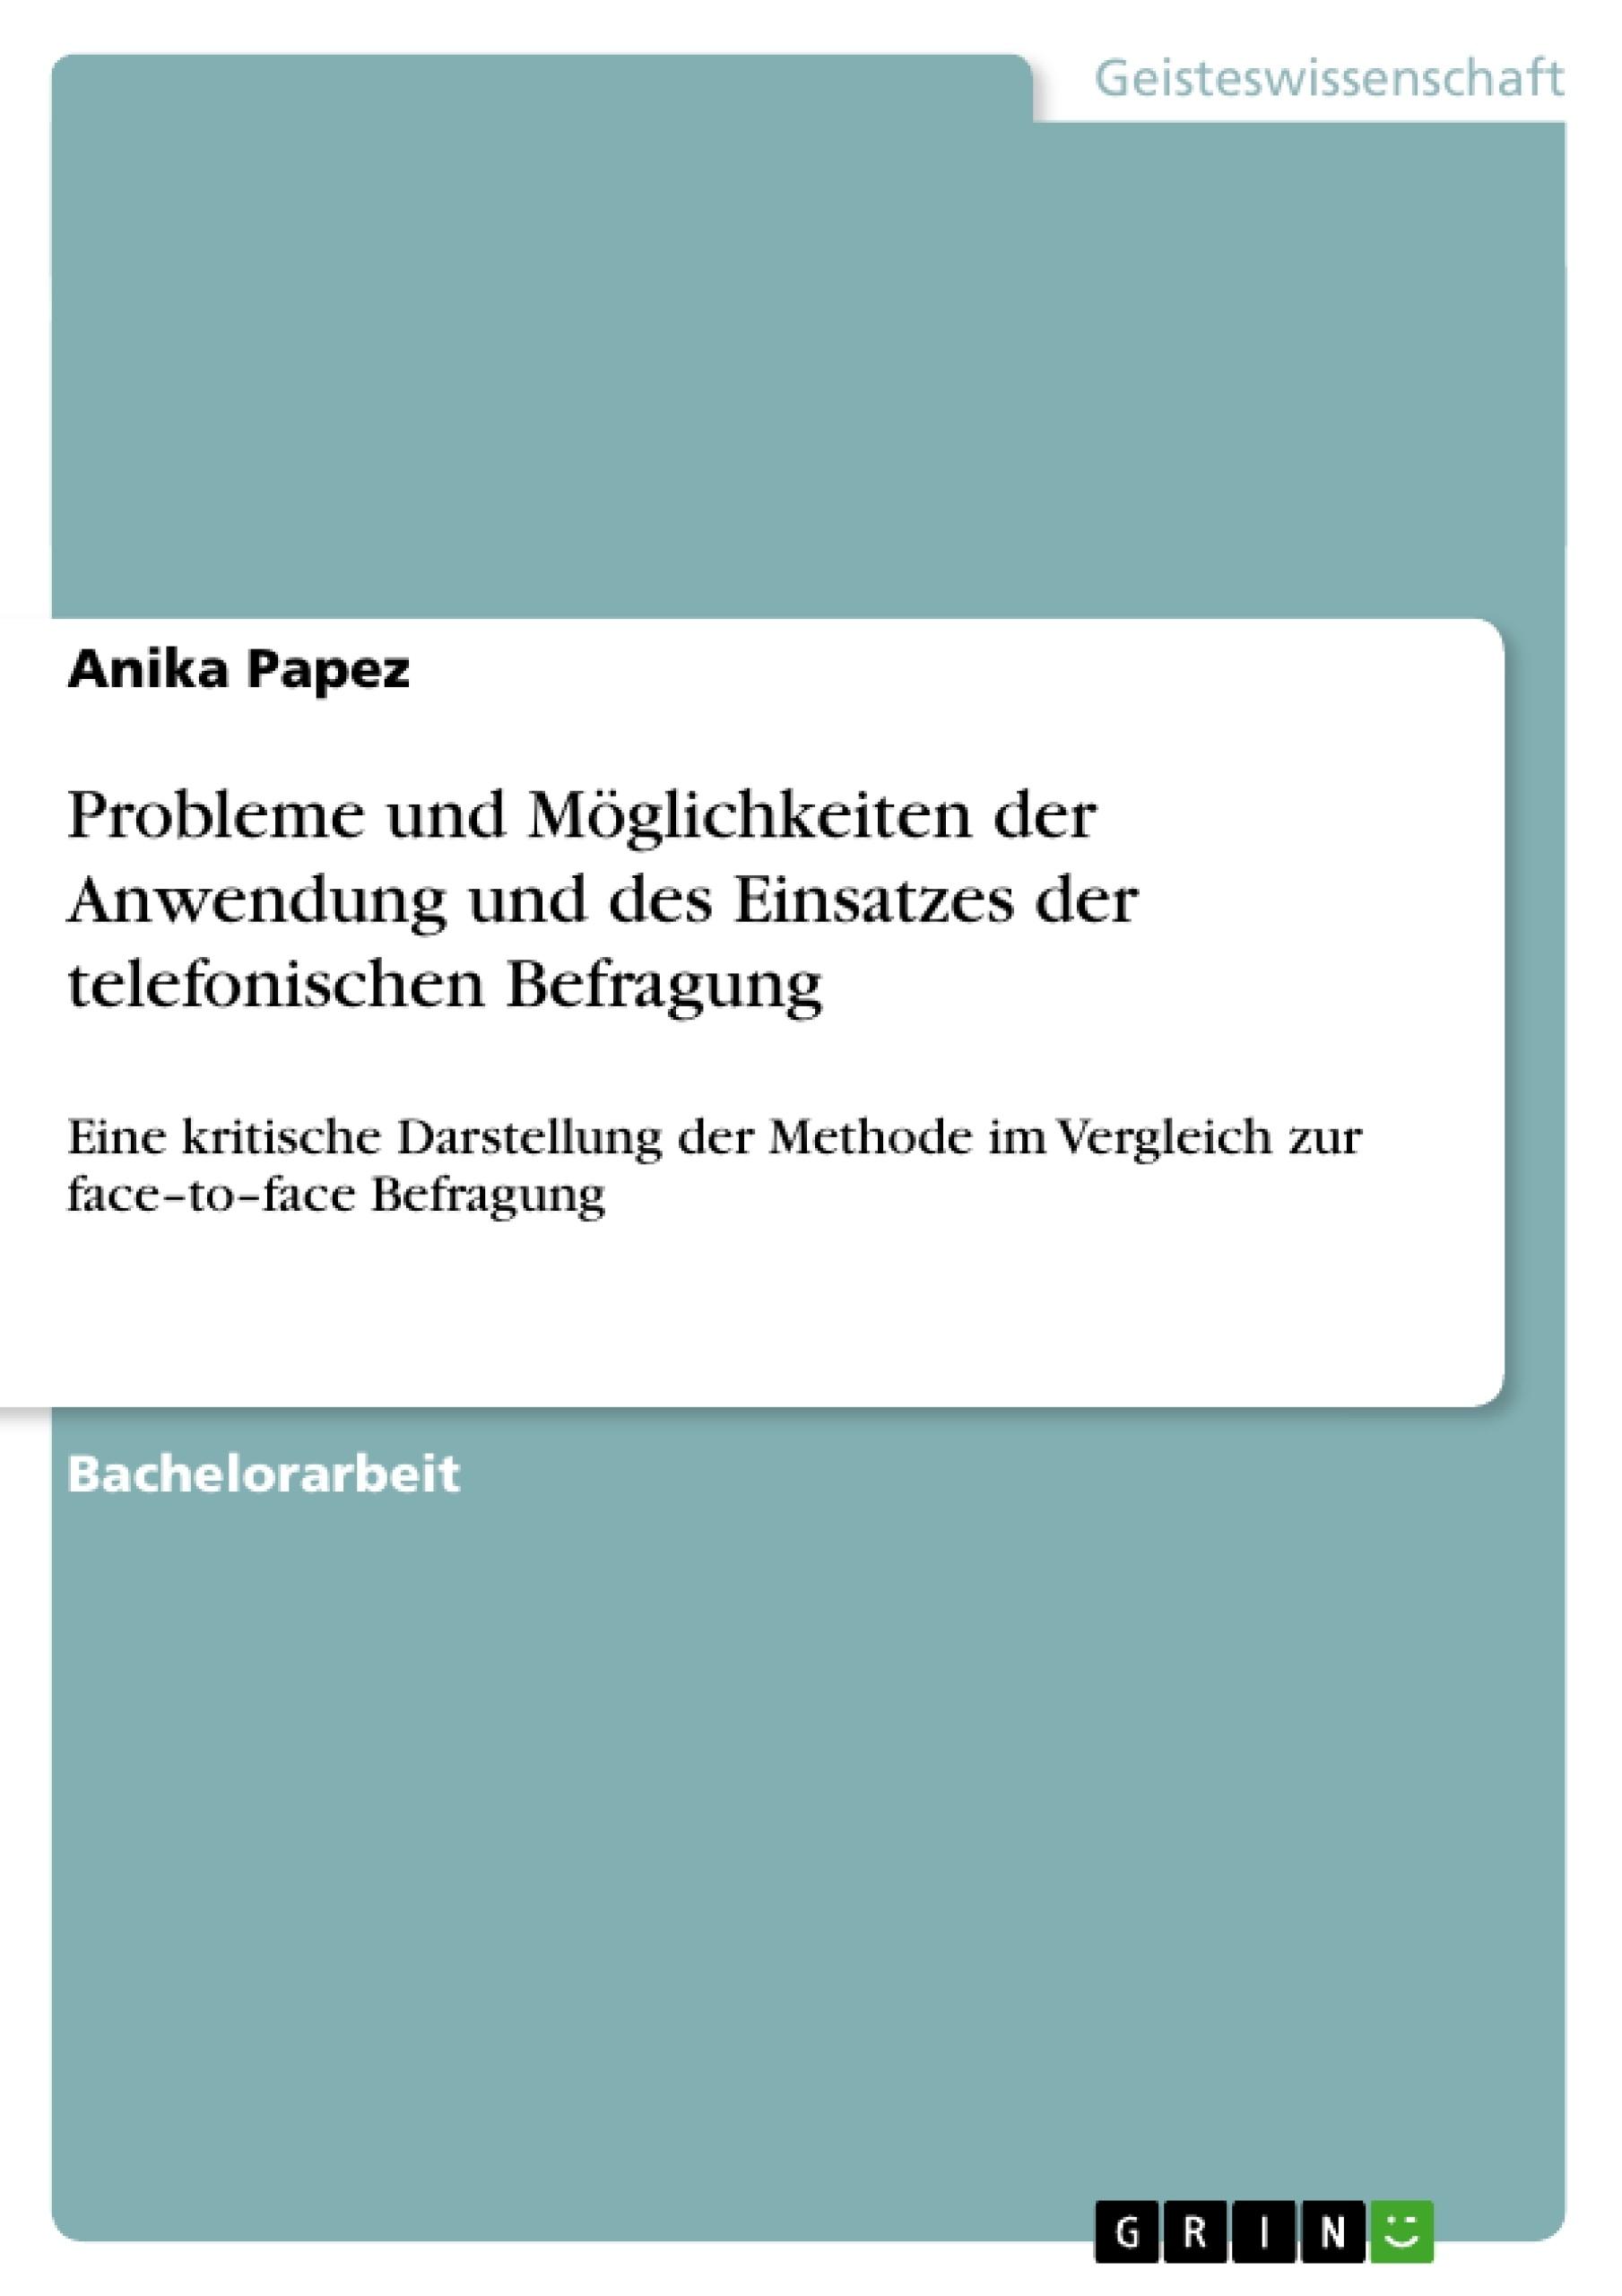 Titel: Probleme und Möglichkeiten der Anwendung und des Einsatzes der telefonischen Befragung